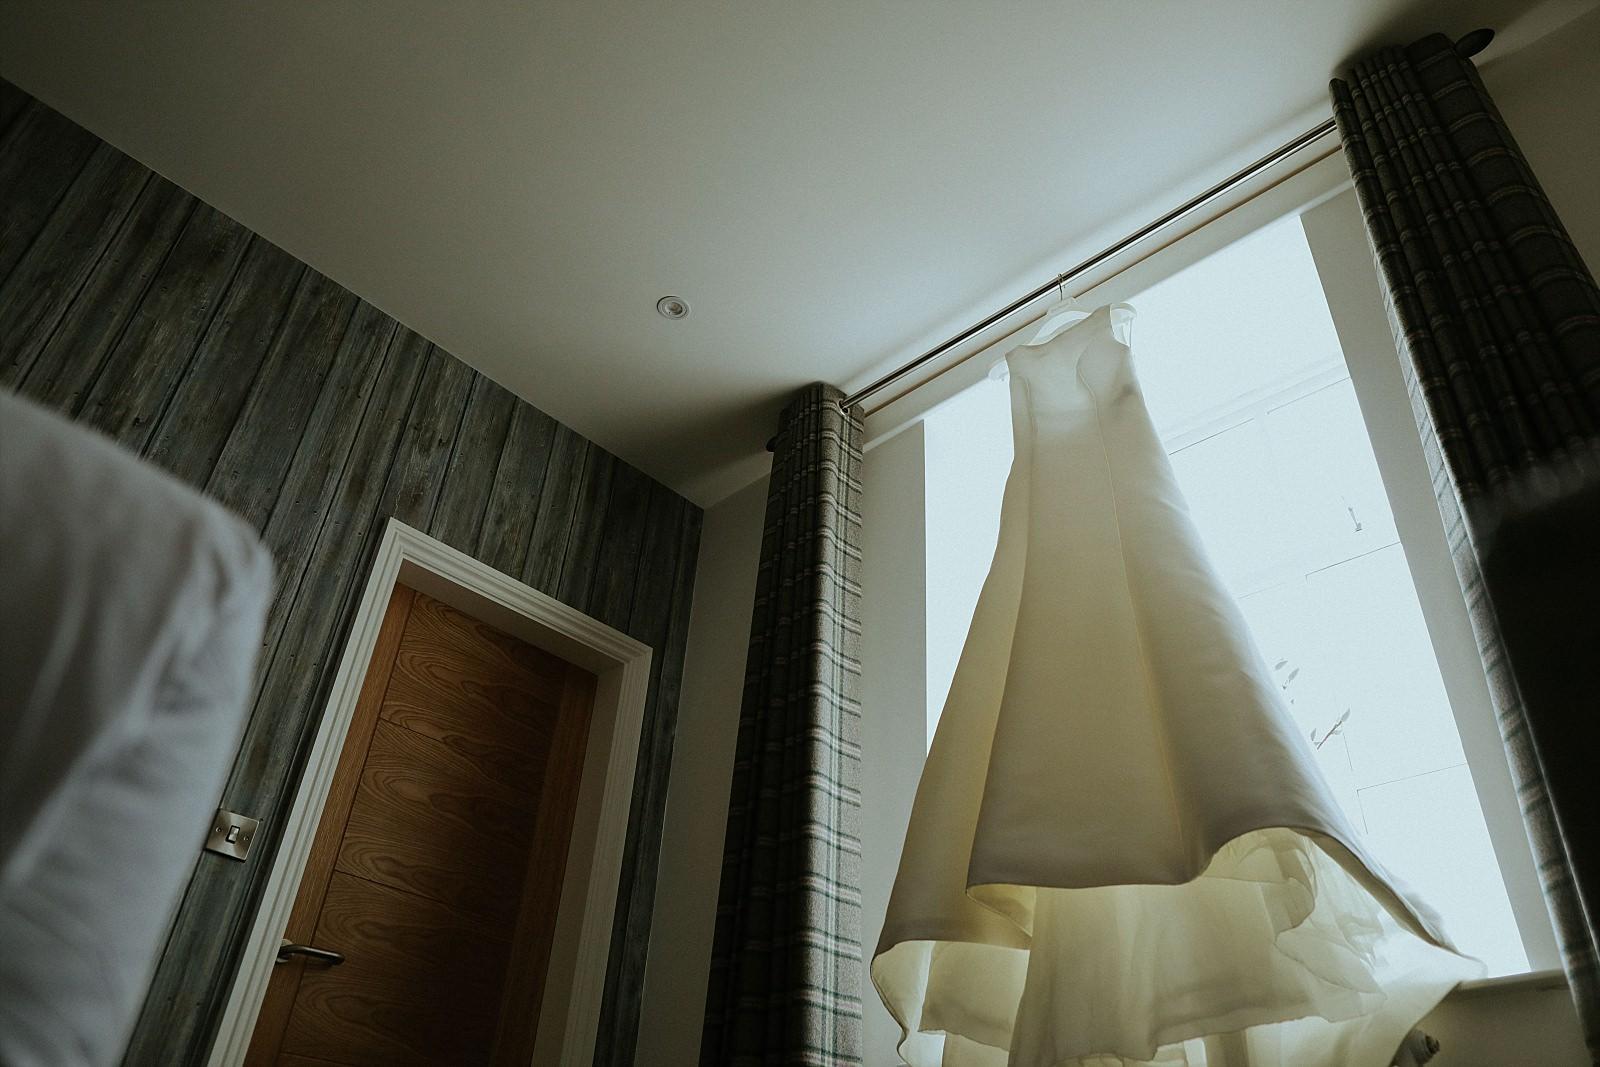 Pronovias white wedding dress infront of window